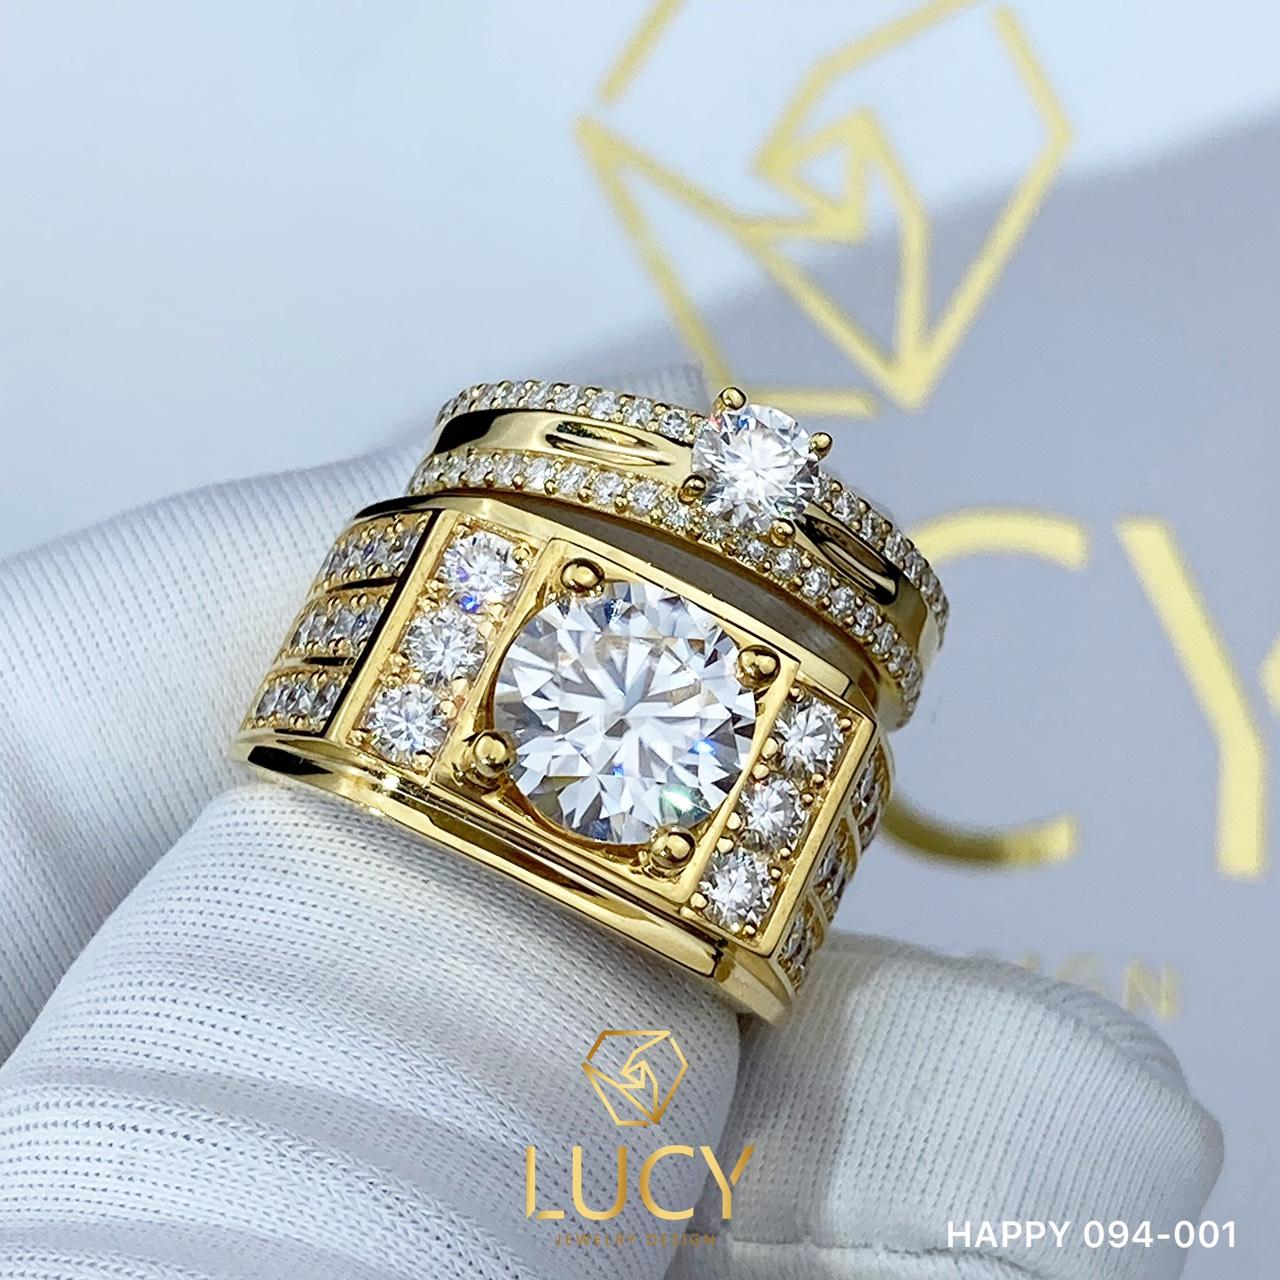 HAPPY 094-001 Nhẫn đôi, nhẫn cưới thiết kế, nhẫn cưới cao cấp, nhẫn cưới  kim cương 8mm 4mm - Lucy Jewelry